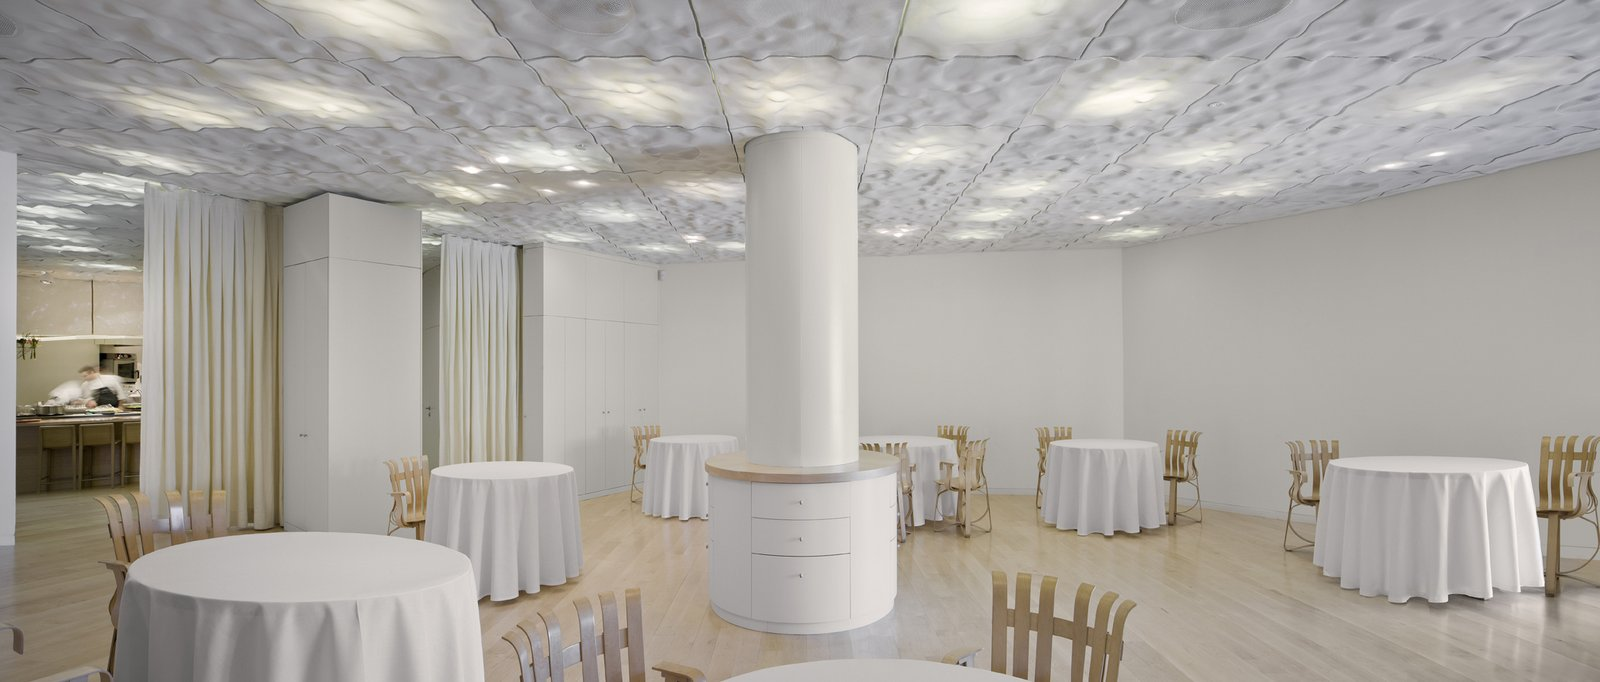 Imar arquitectura metal architecture metal nerua - Estudios arquitectura bilbao ...